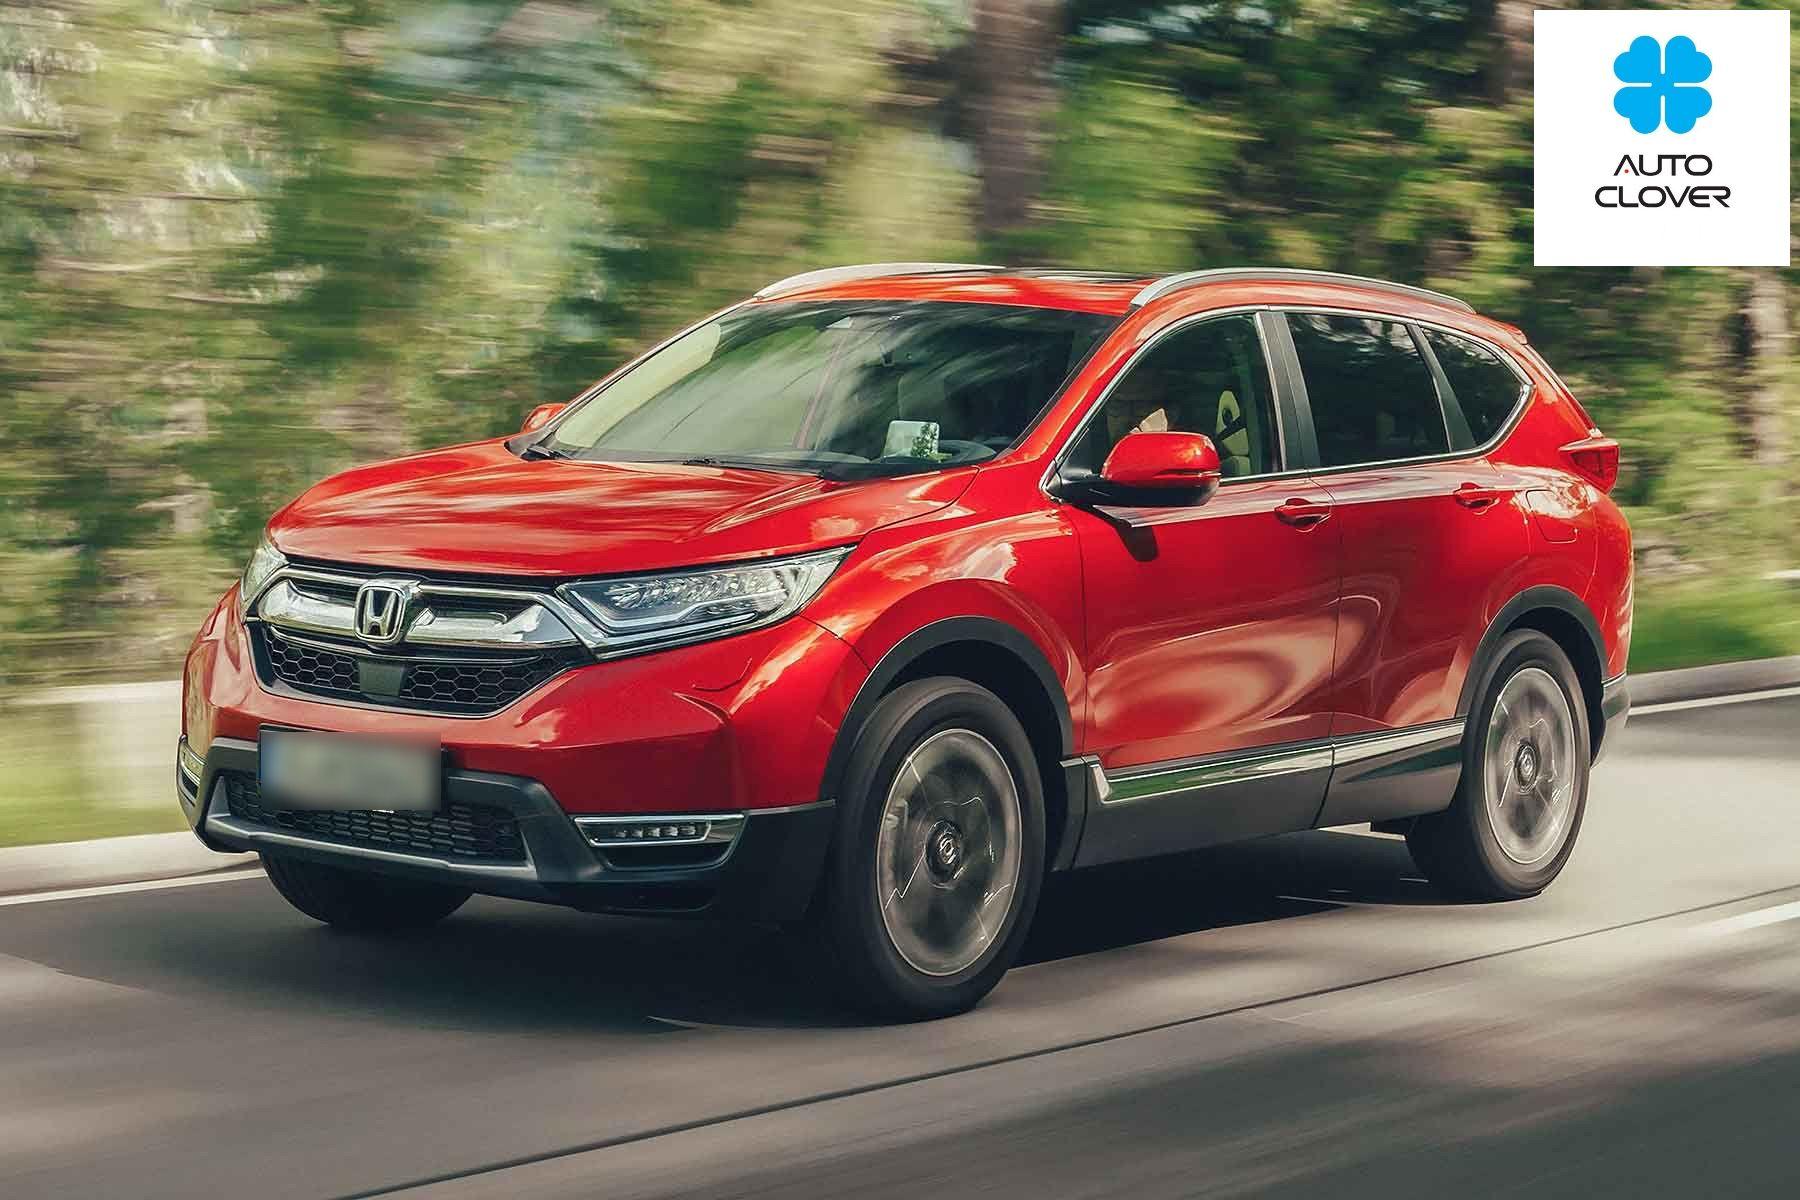 CRV được xem là mẫu xe đại diện có thể mở rộng cho dòng xe SUV. Trong khu vực Đông Nam Á và quốc tế của hãng Honda kể từ khi Honda lần đầu tiên giới thiệu xe với thế giới cách đây 20 năm.